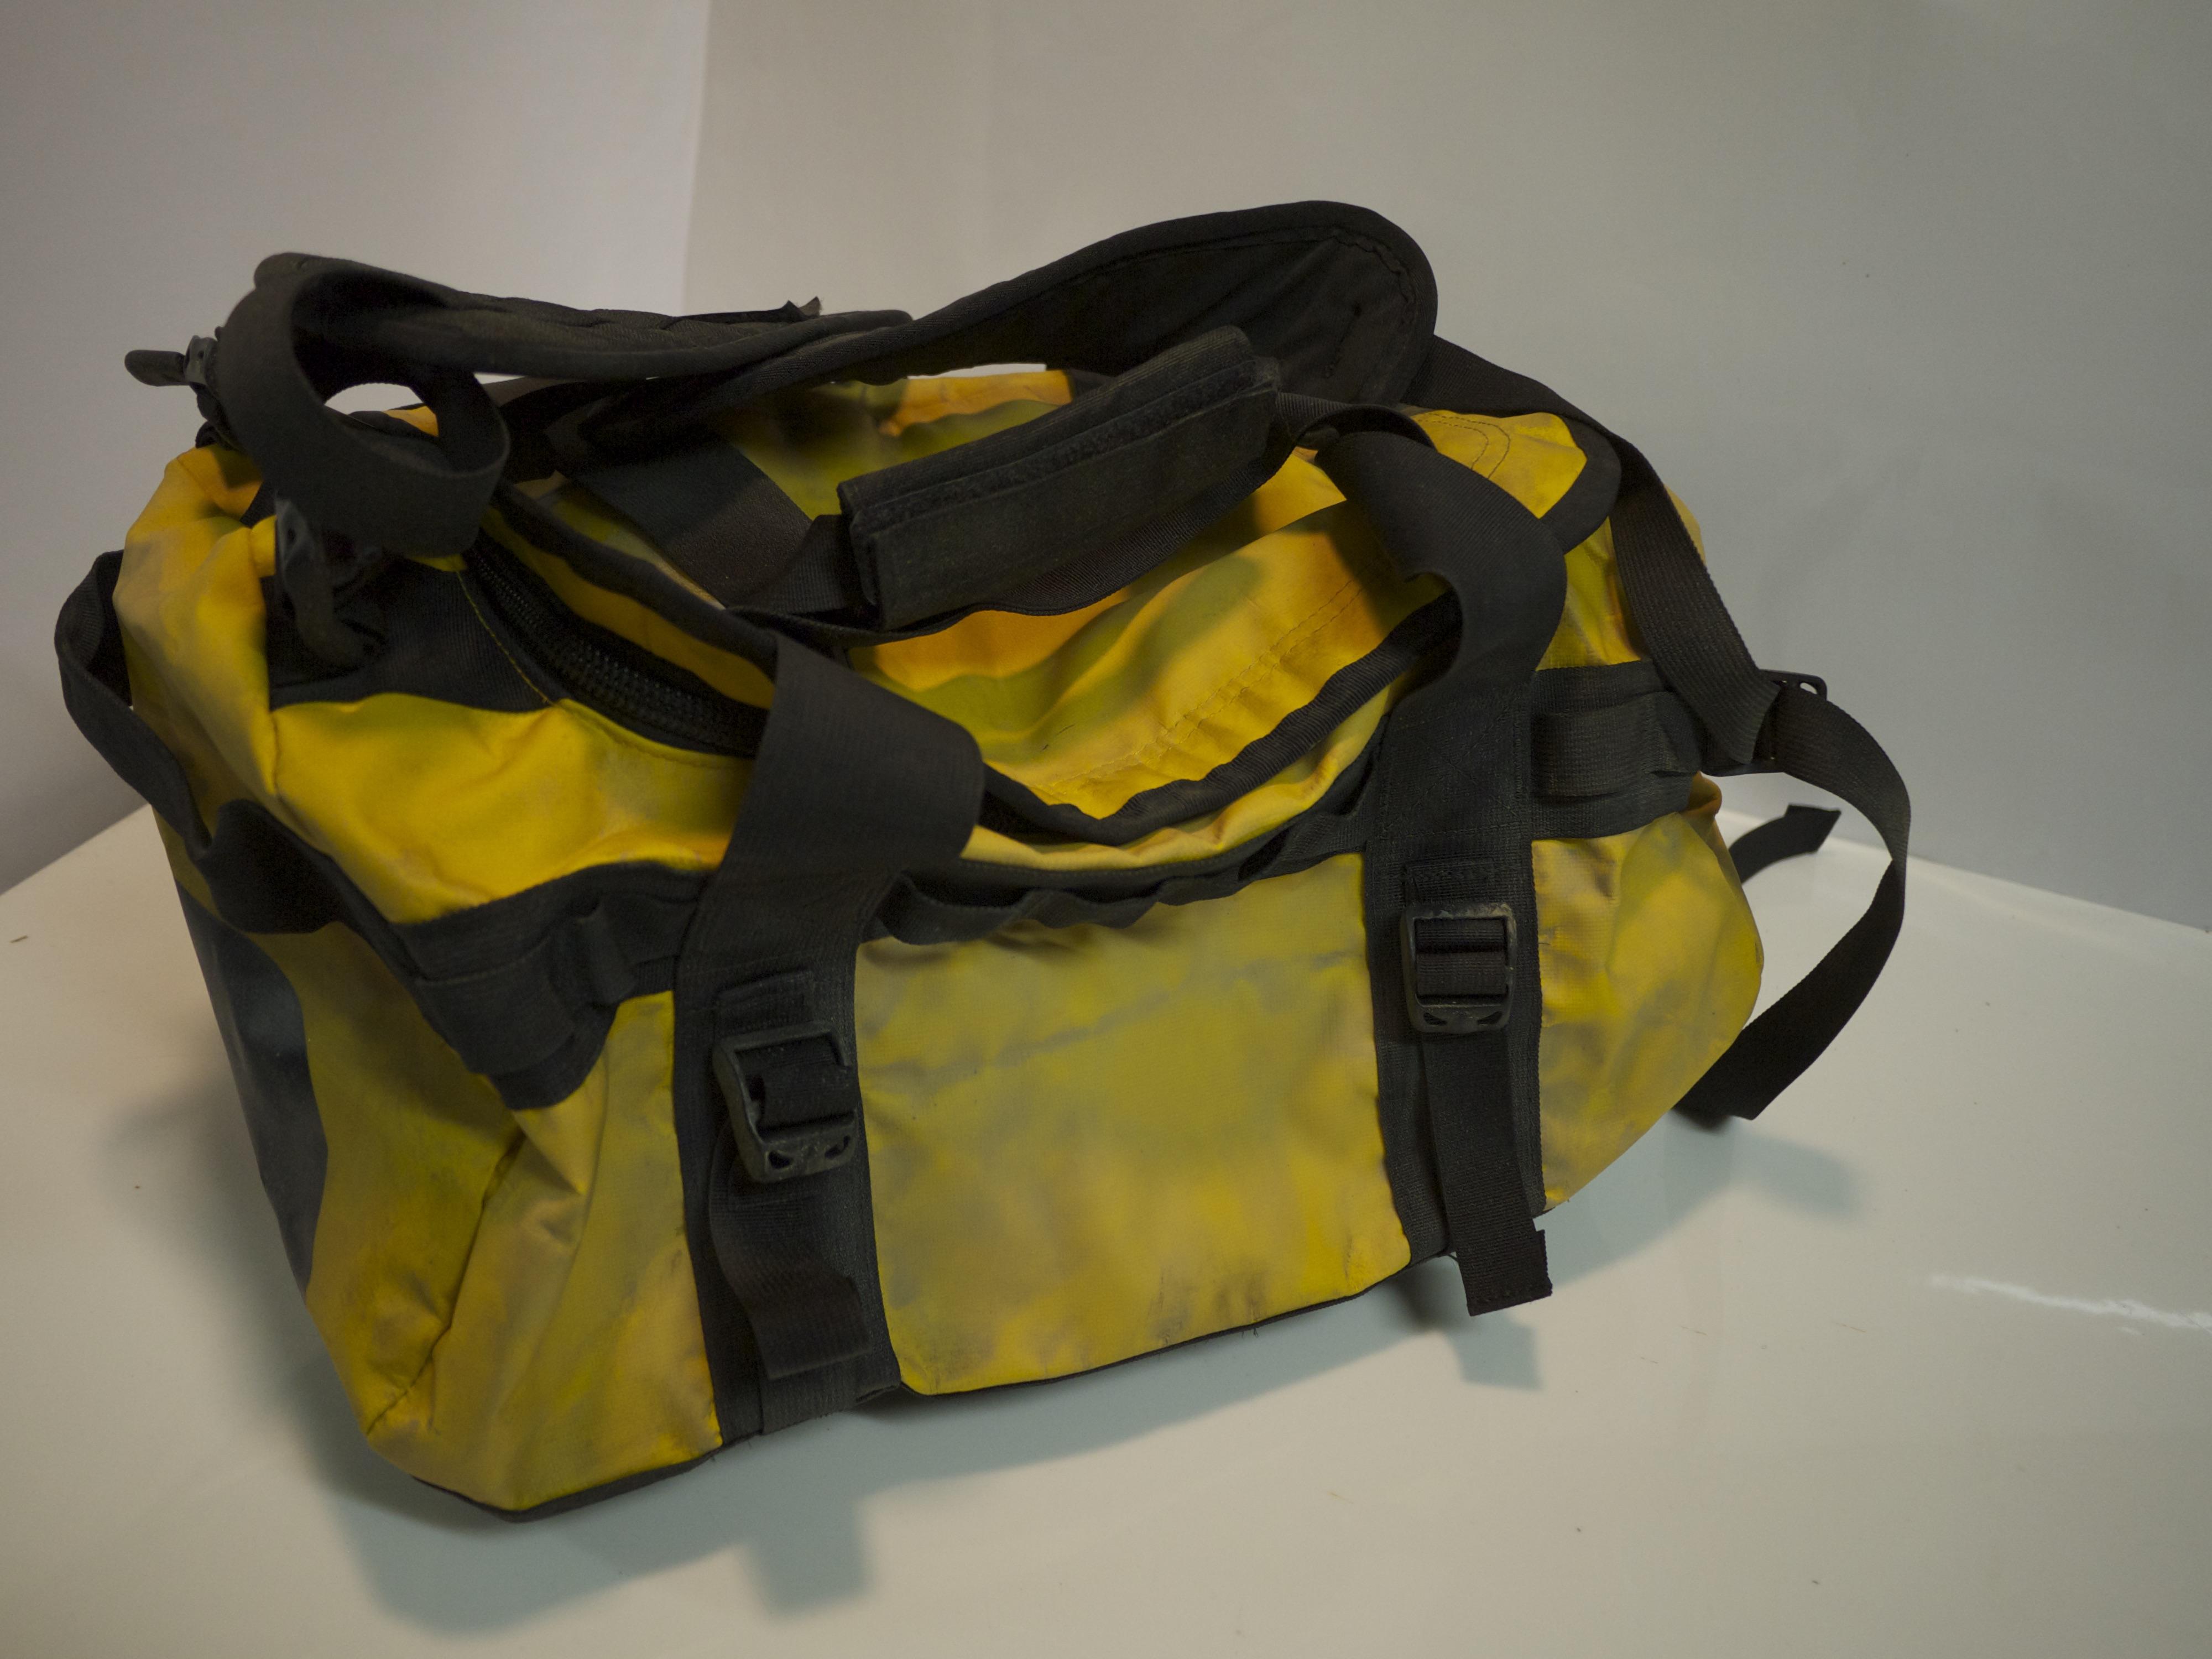 Yellow waterproof duffle bag (rescue)